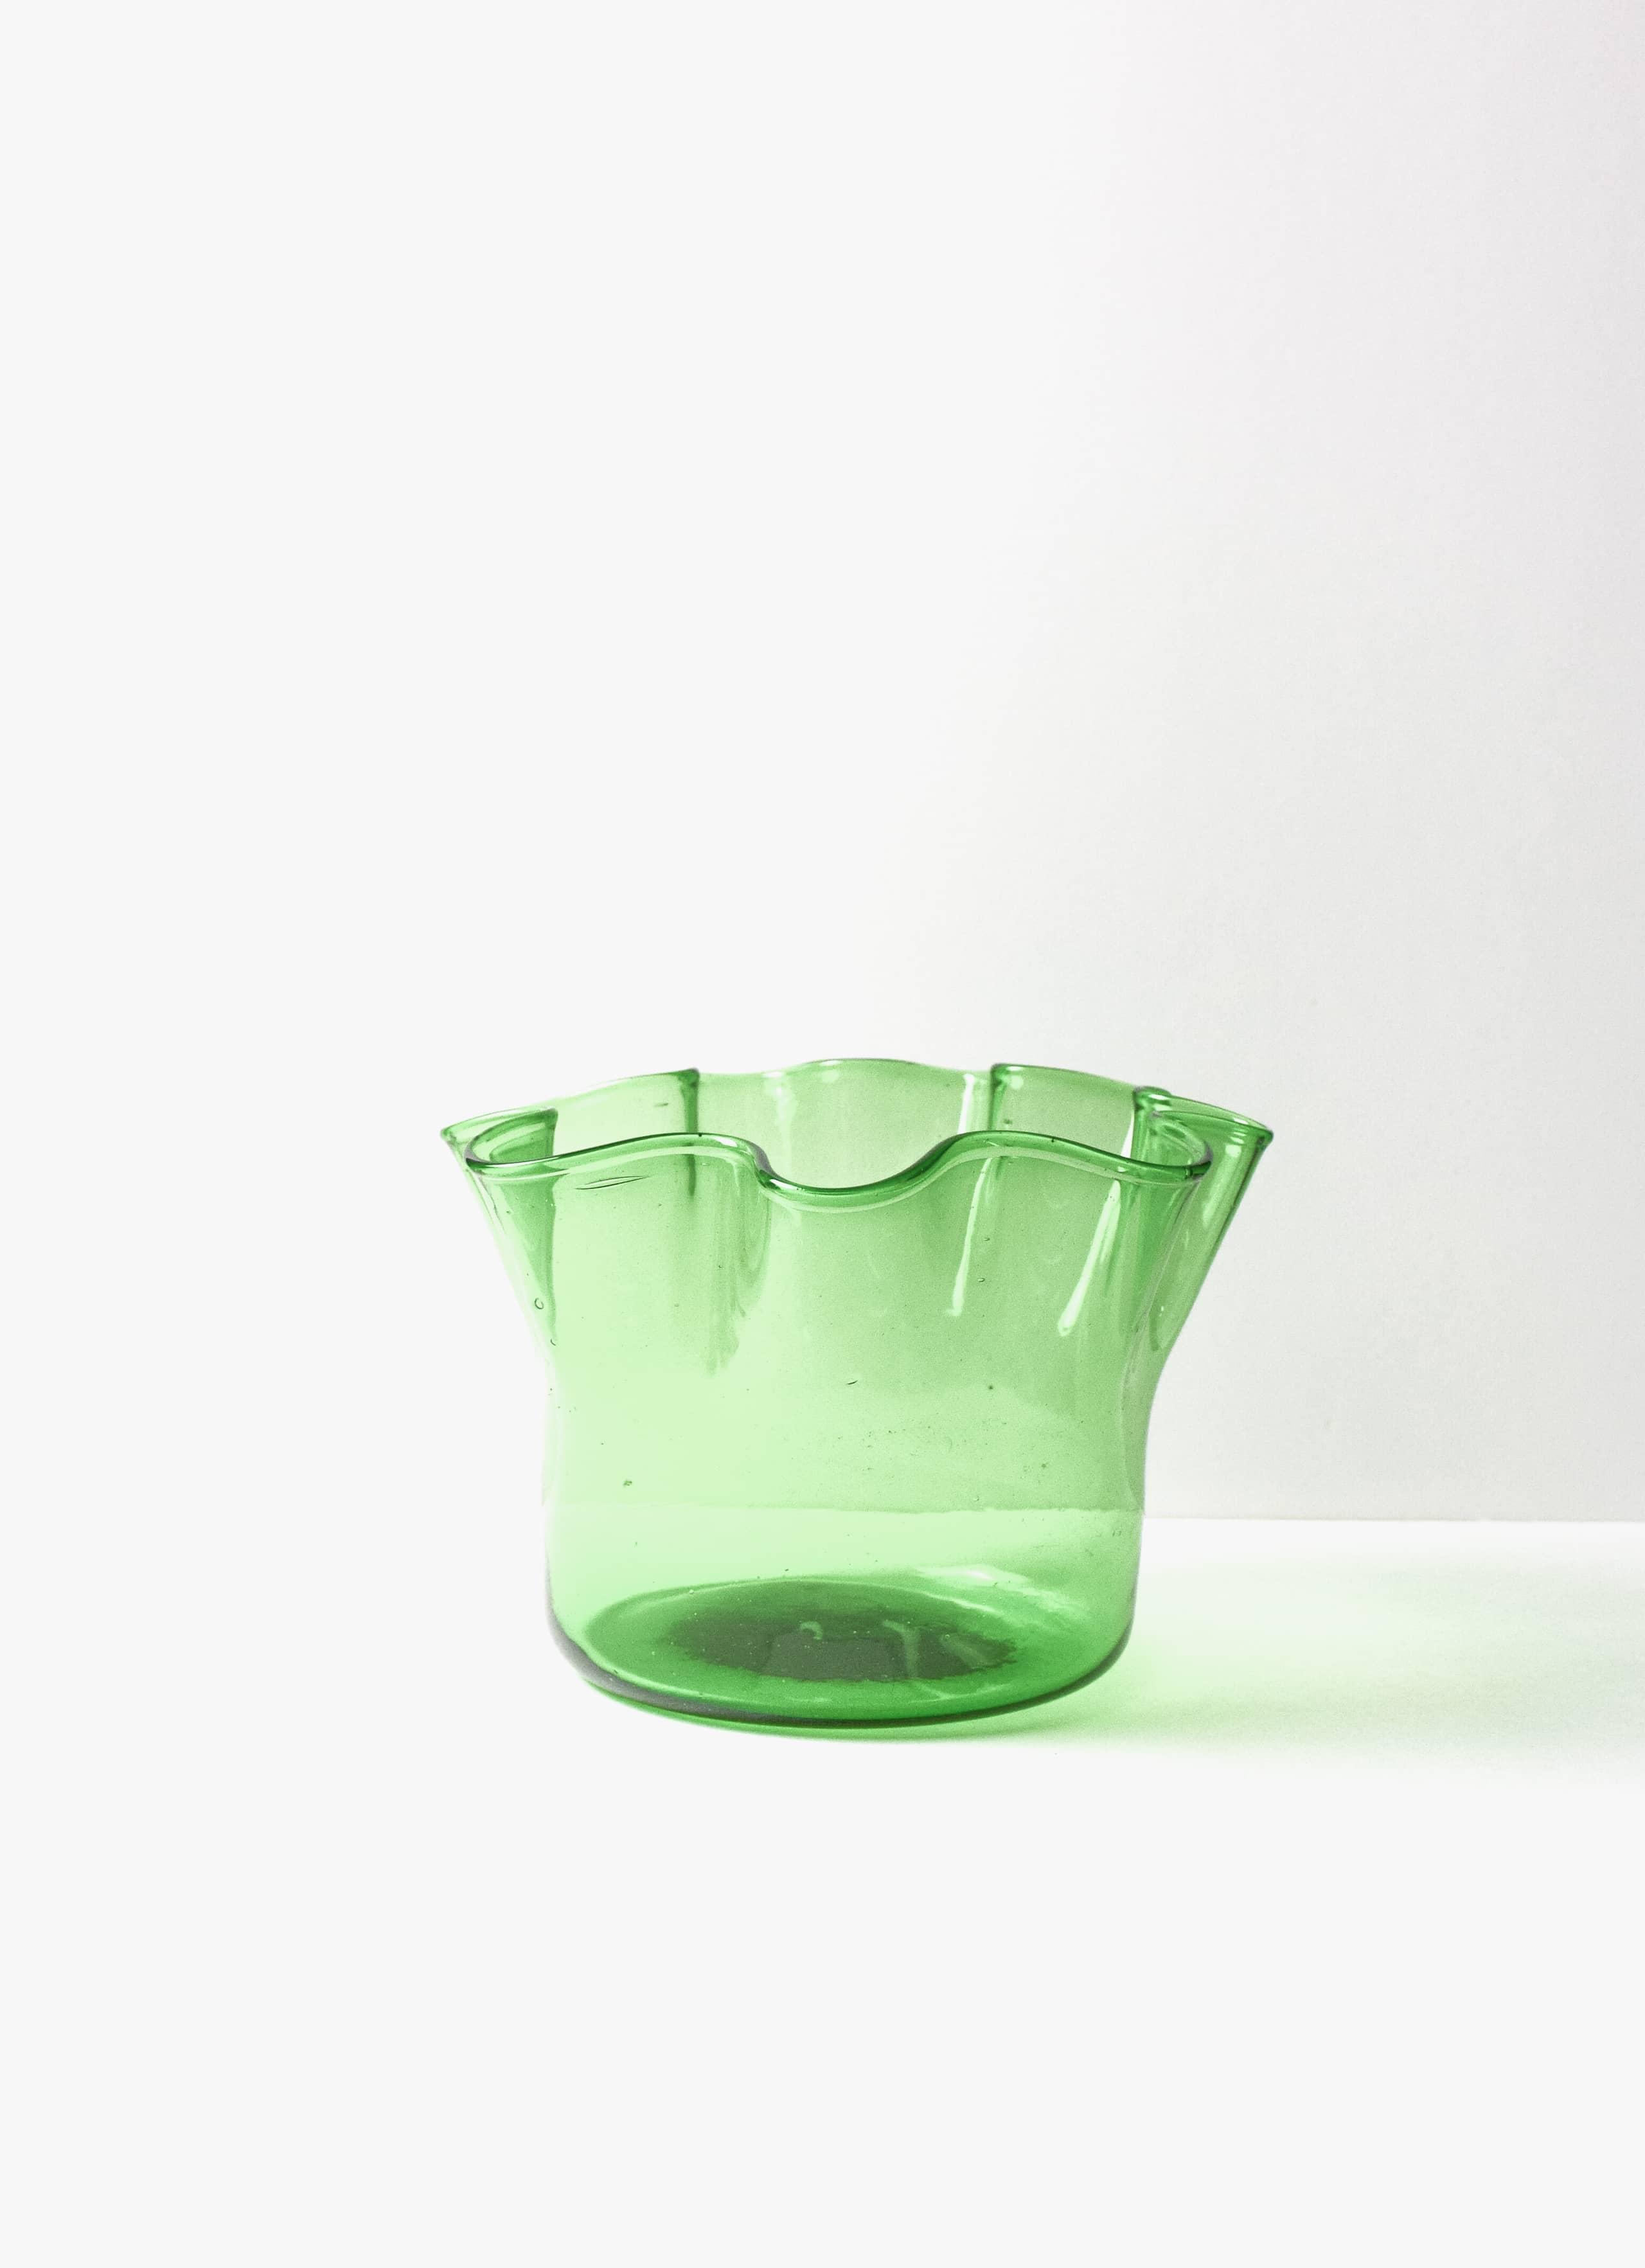 La Soufflerie - Foulard - Glass Vase - green